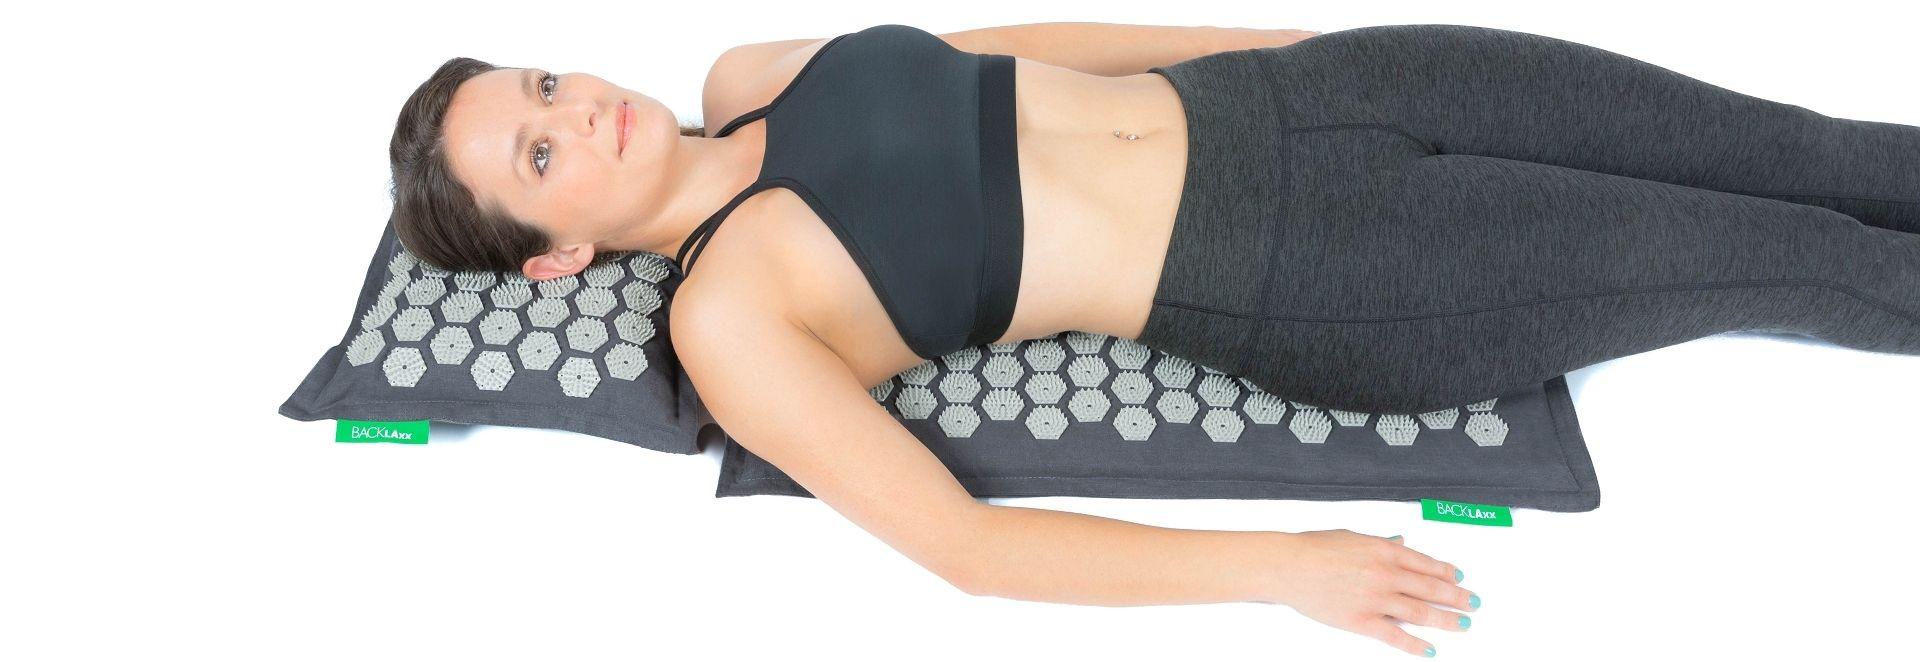 Auf dem Rücken befinden sich besonders viele Akupressurpunkte. Dadurch stellt sich schnell wärmendes Wohlgefühl ein und Anspannung lässt von einem ab. Verspannungen lösen sich und der Stoffwechsel wird angeregt.